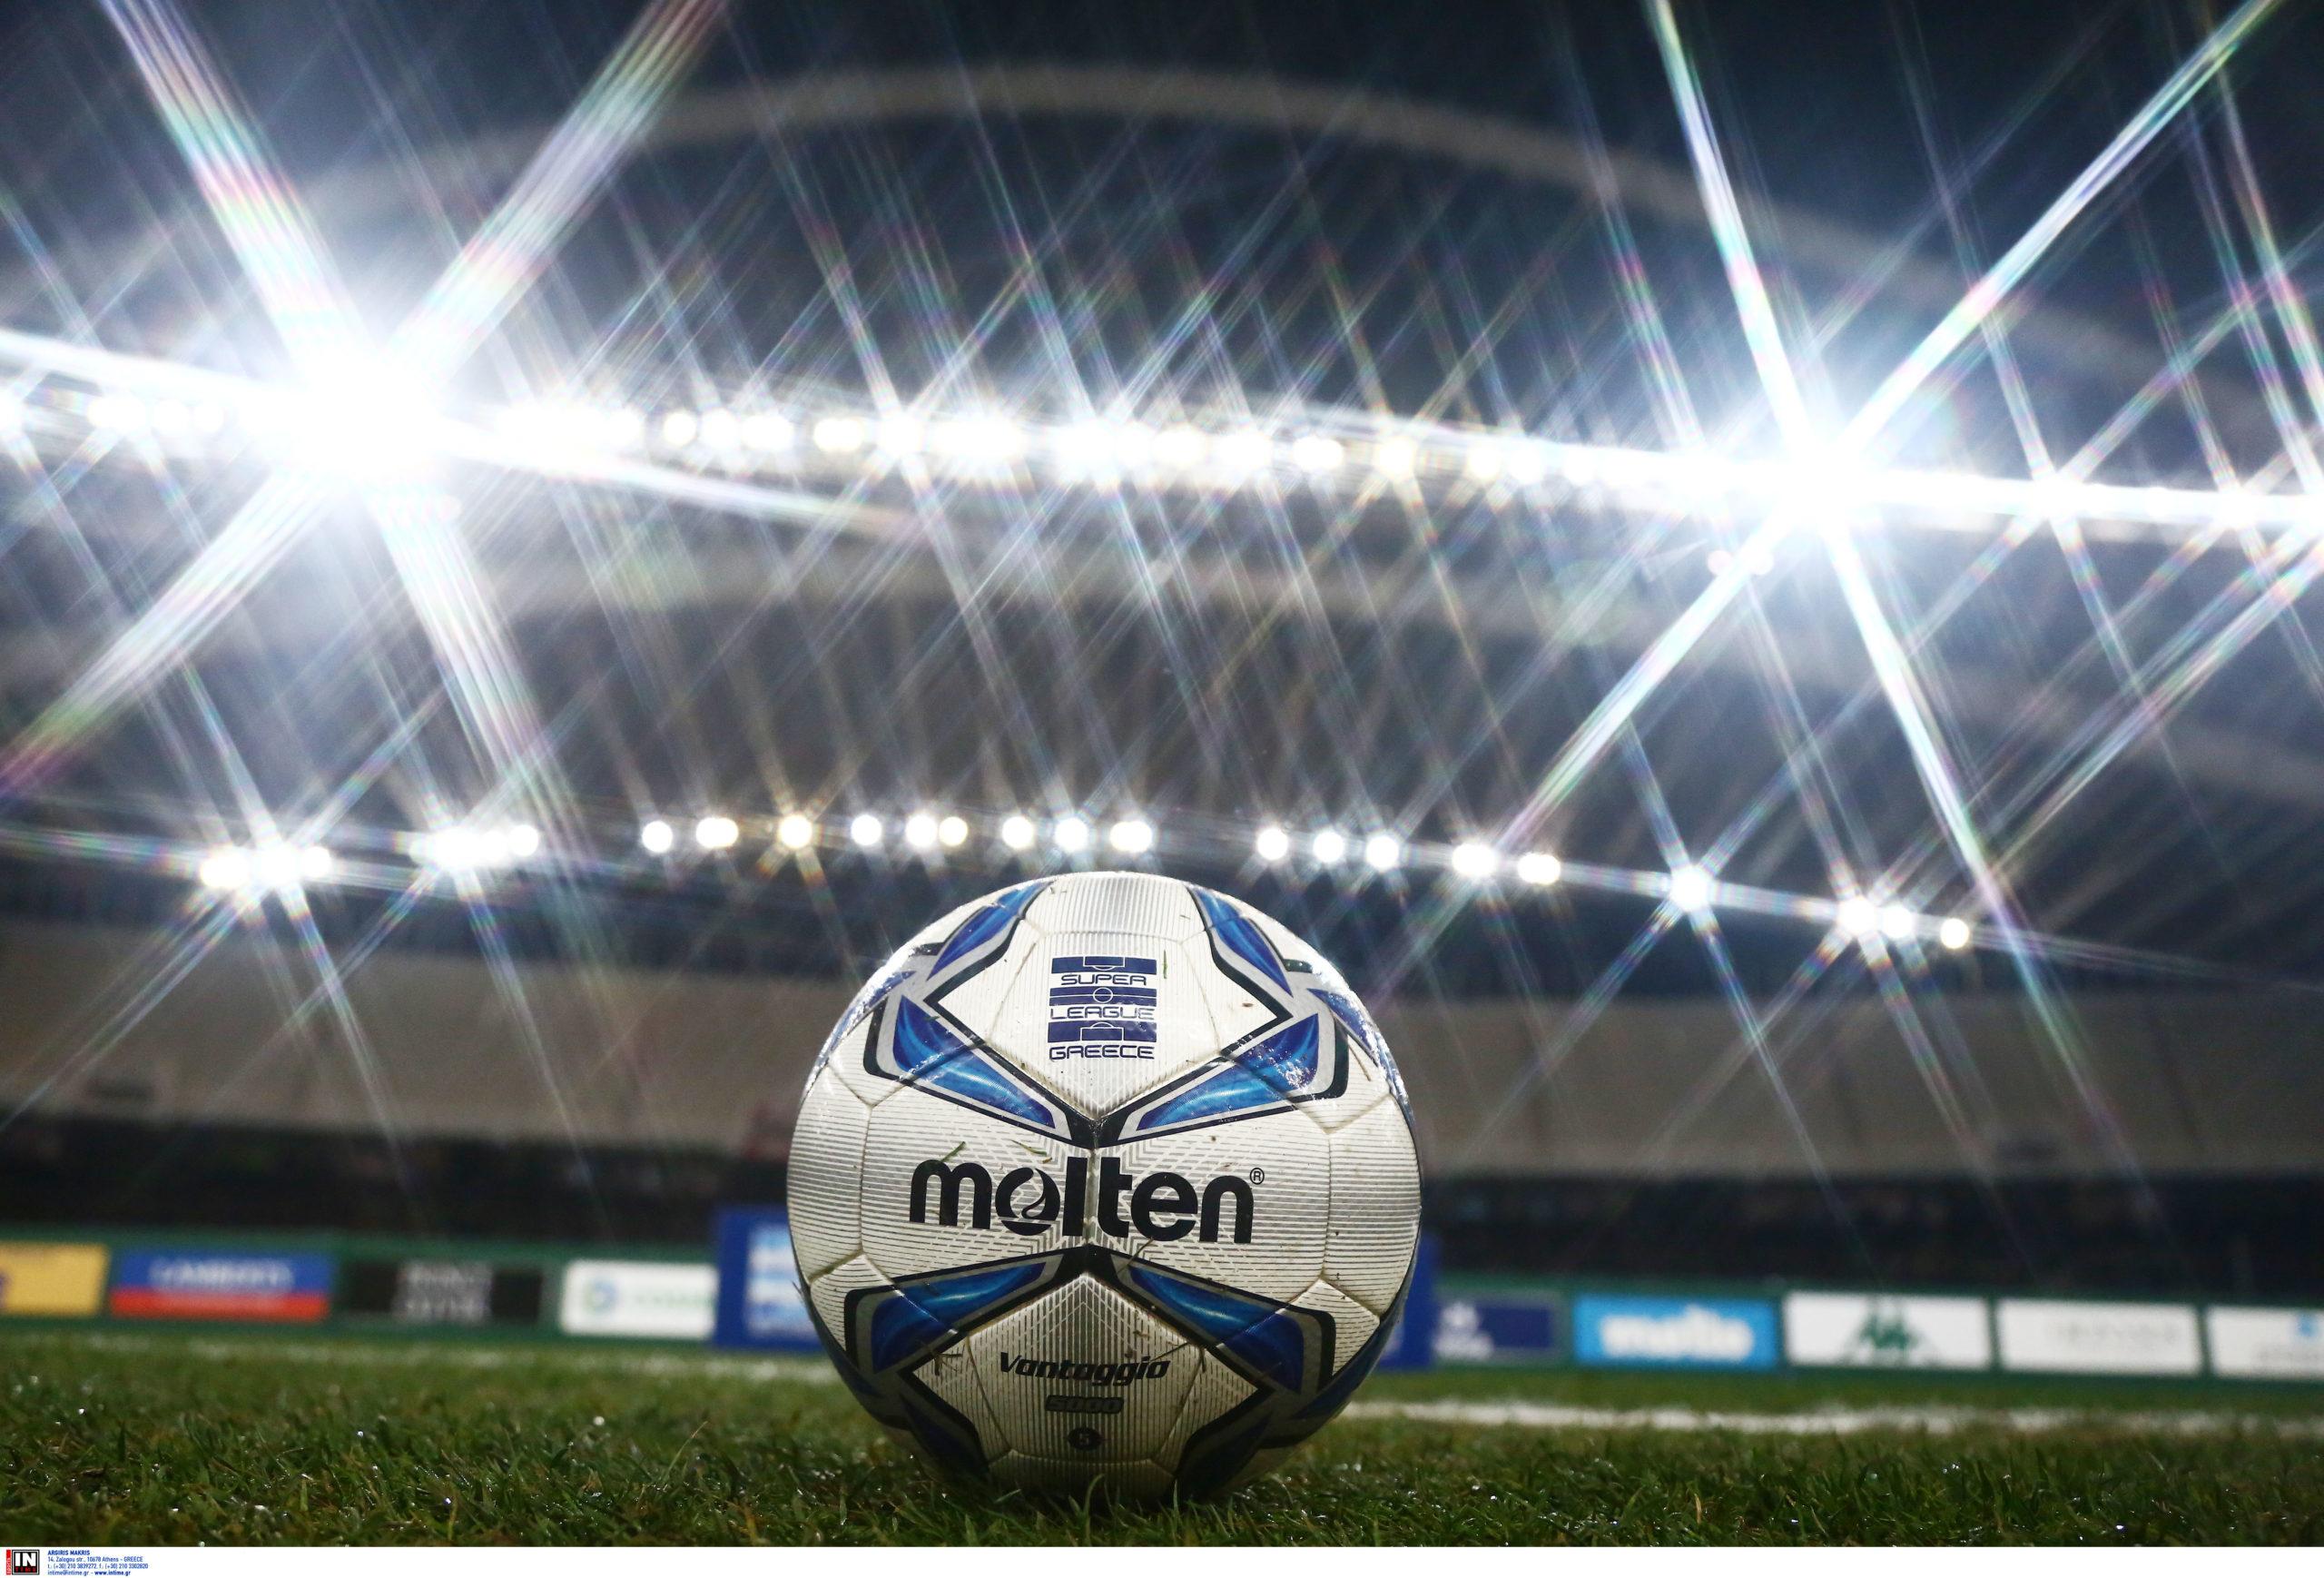 Κίνα: Αγώνας ποδοσφαίρου ακυρώθηκε λόγω βαφής μαλλιών